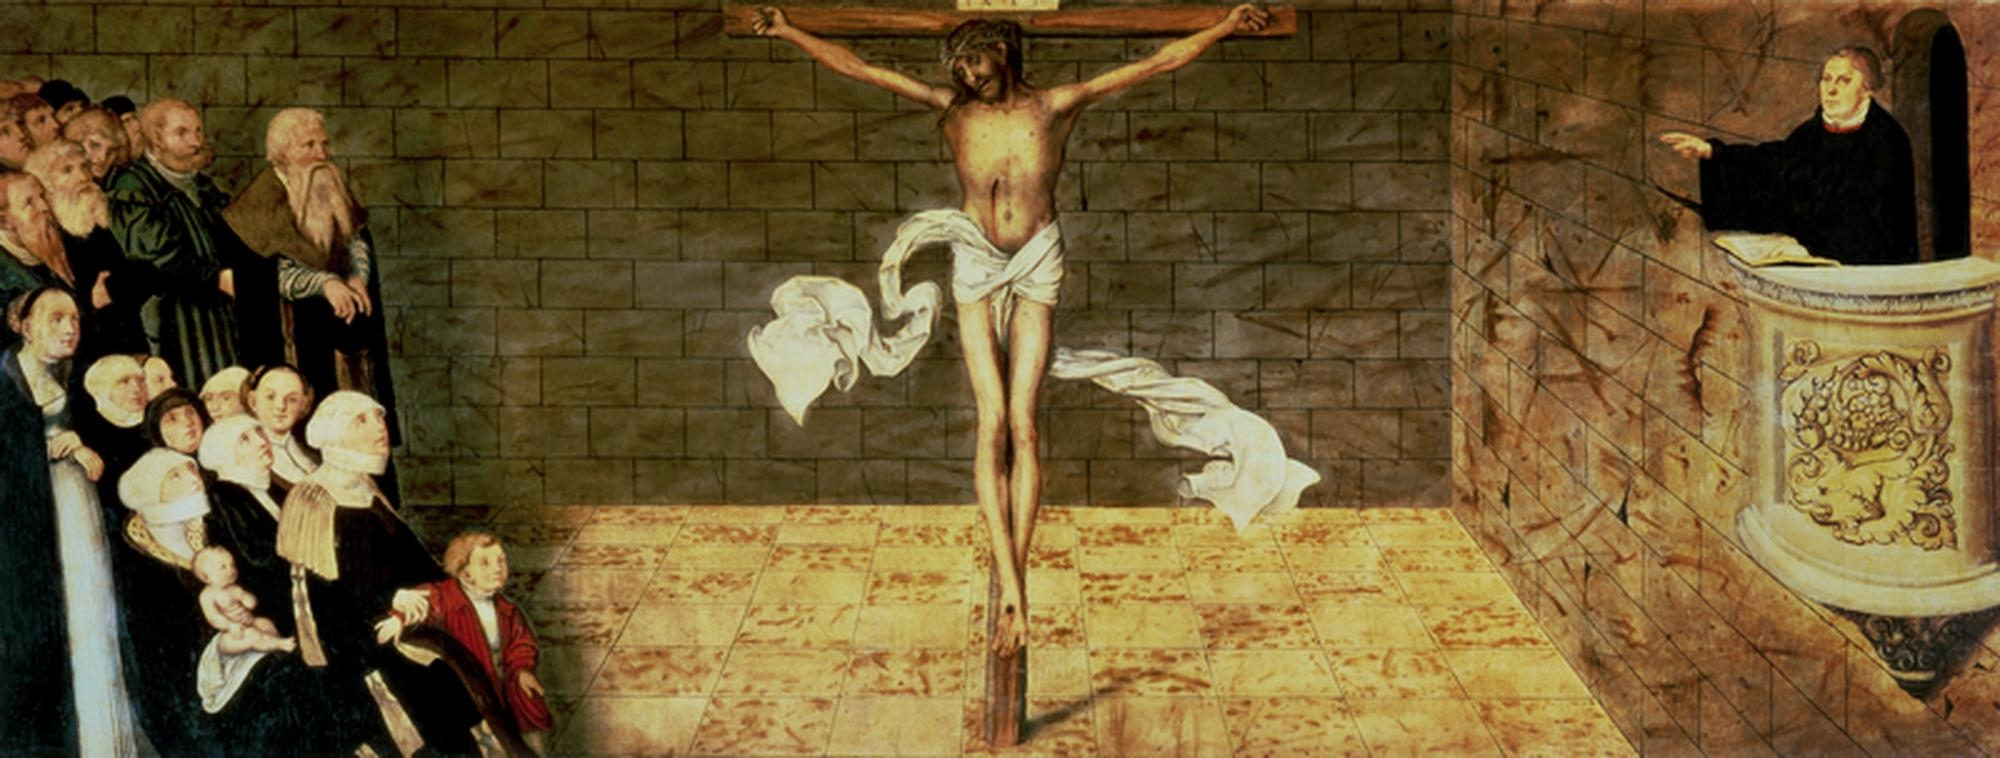 Lucas Cranach, Wittenberg Altarpiece